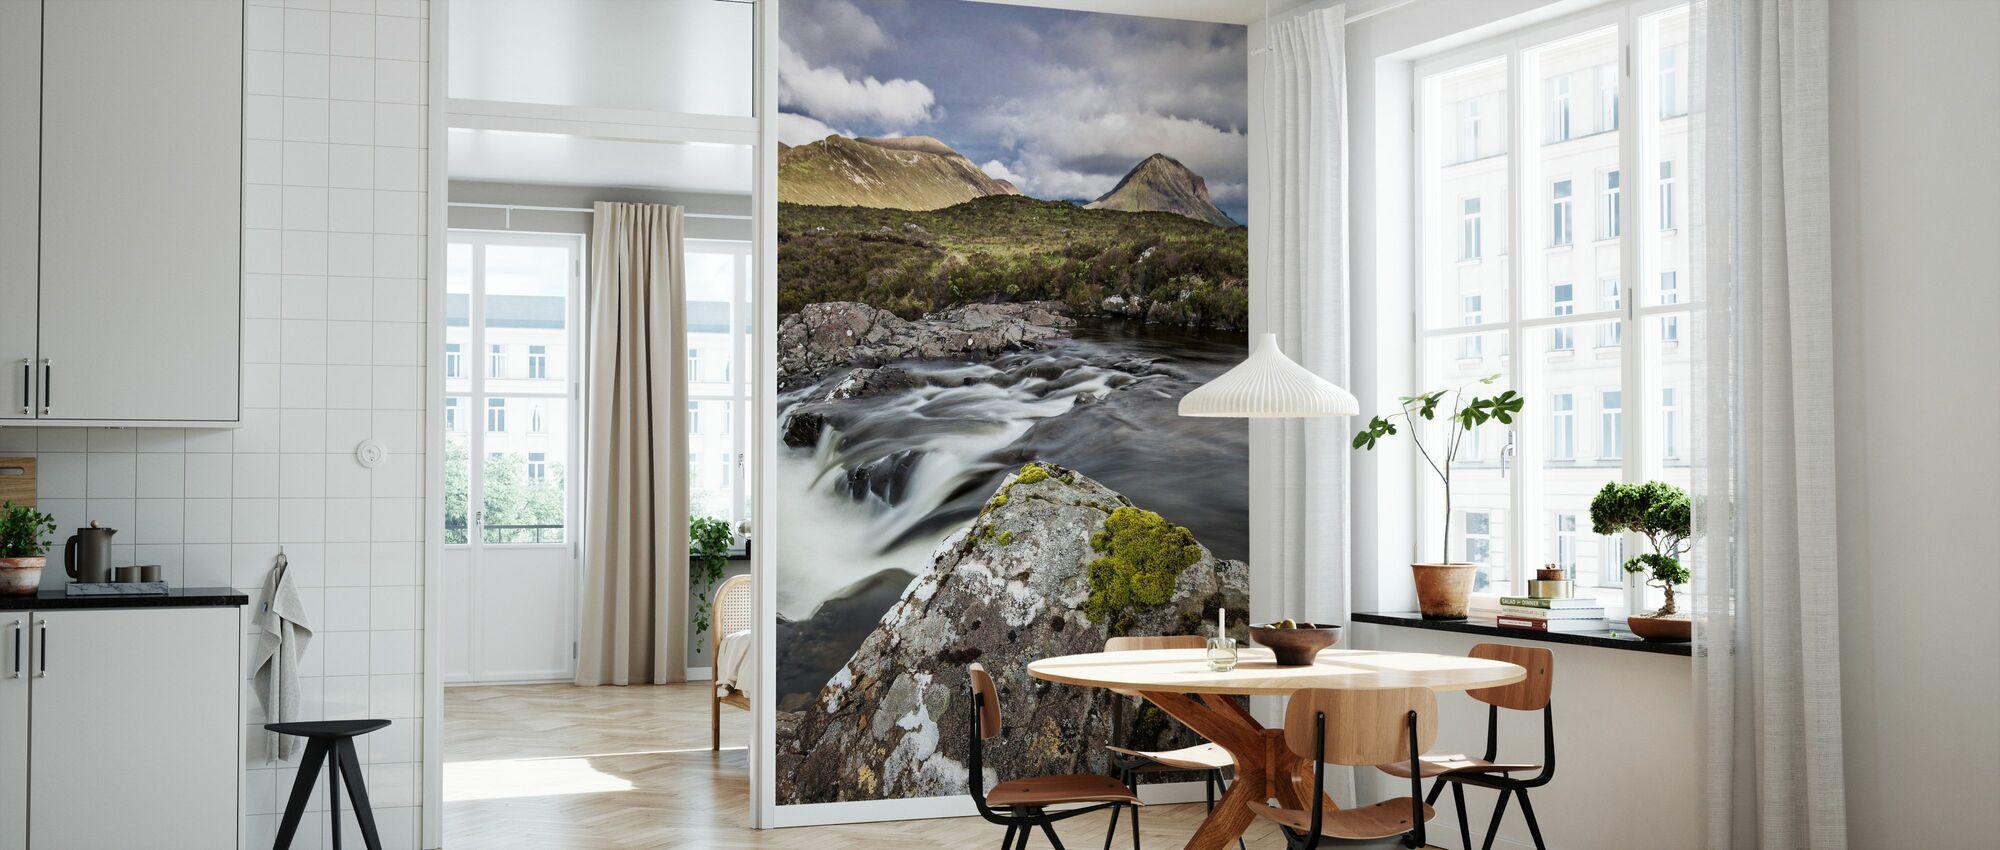 Beautiful Landscape, Isle of Skye - Scotland - Wallpaper - Kitchen